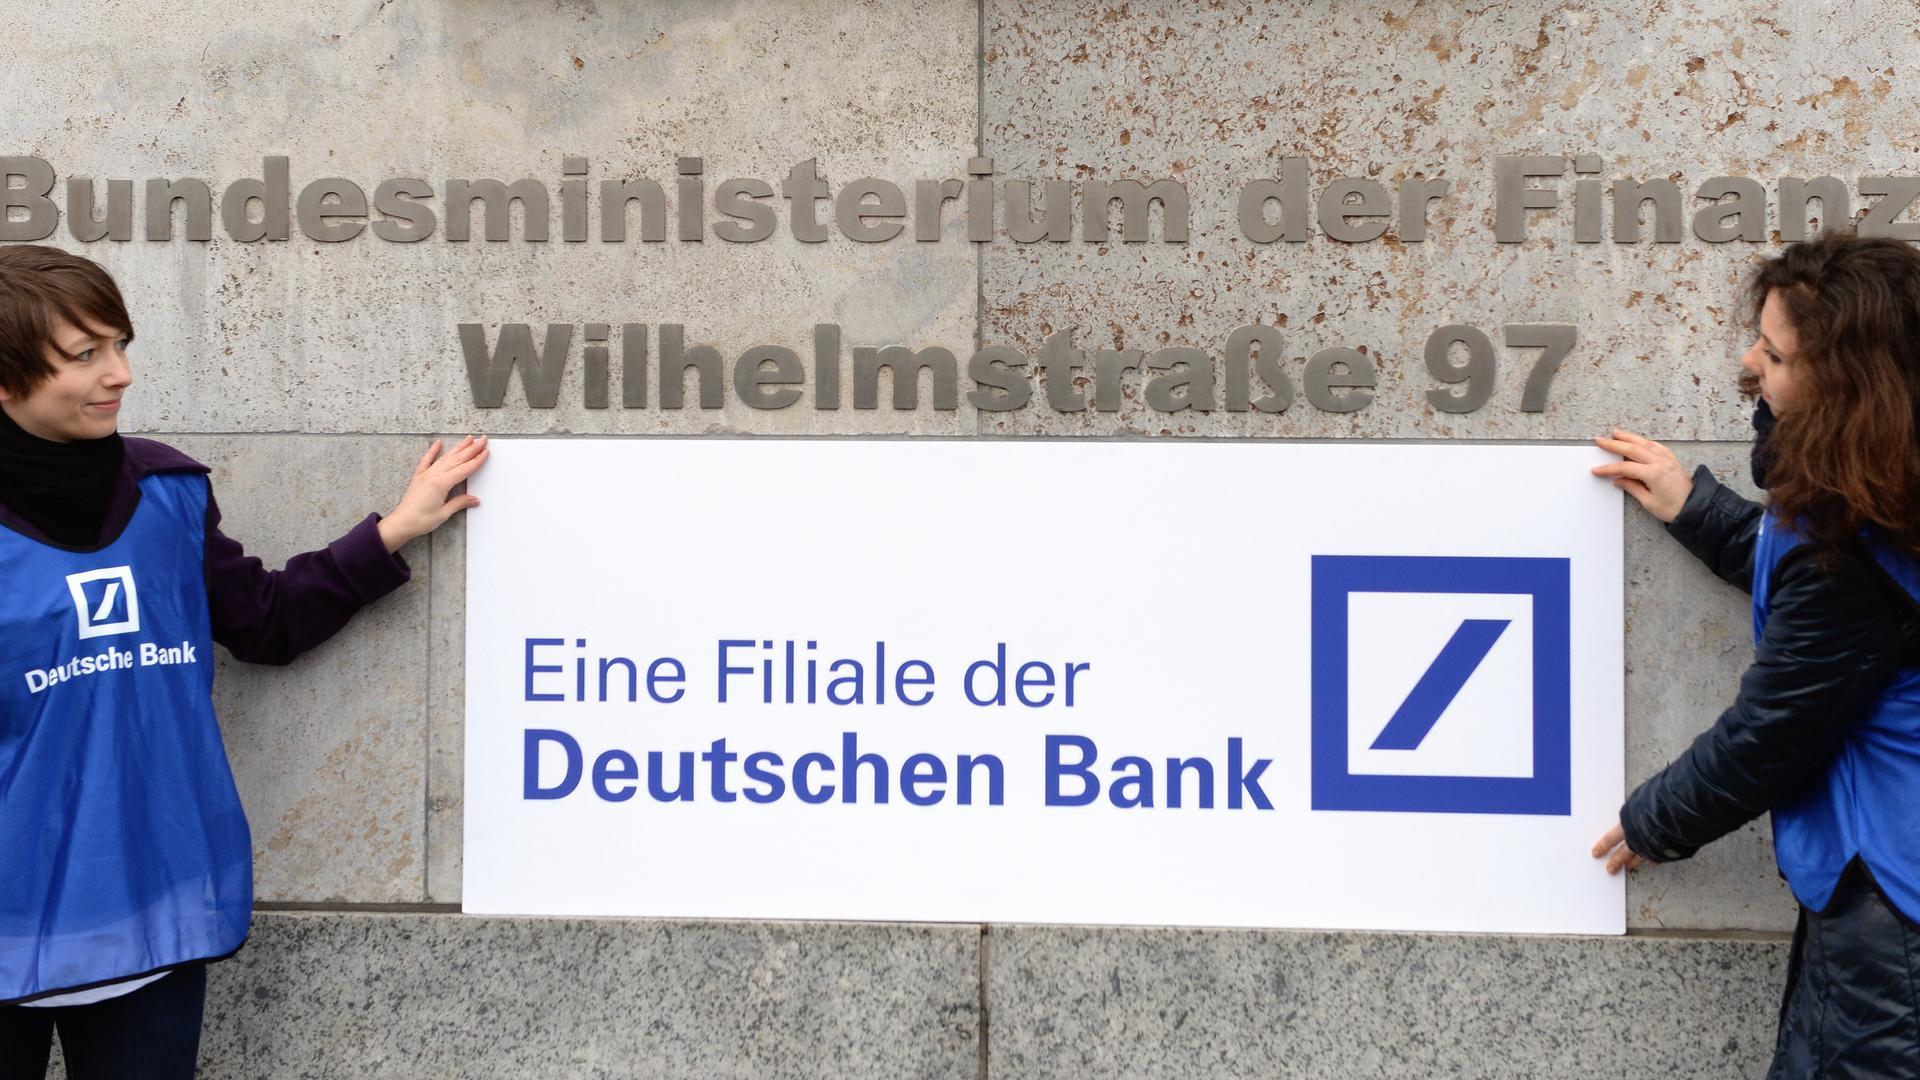 Demonstranten der Verbraucherschutzorganisation foodwatch befestigen am 17.01.2014 am Eingang zum Bundesfinanzministerium in Berlin ein Transparent mit der Aufschrift «Eine Filiale der Deutschen Bank». Die Aktion richtete sich gegen Spekulationsgeschäfte von Banken mit Nahrungsmitteln, die nach Ansicht von foodwatch auch nach den EU-Regeln zur Regulierung der Finanzmärkte nicht gestoppt werden. Foto: Soeren Stache/dpa ++